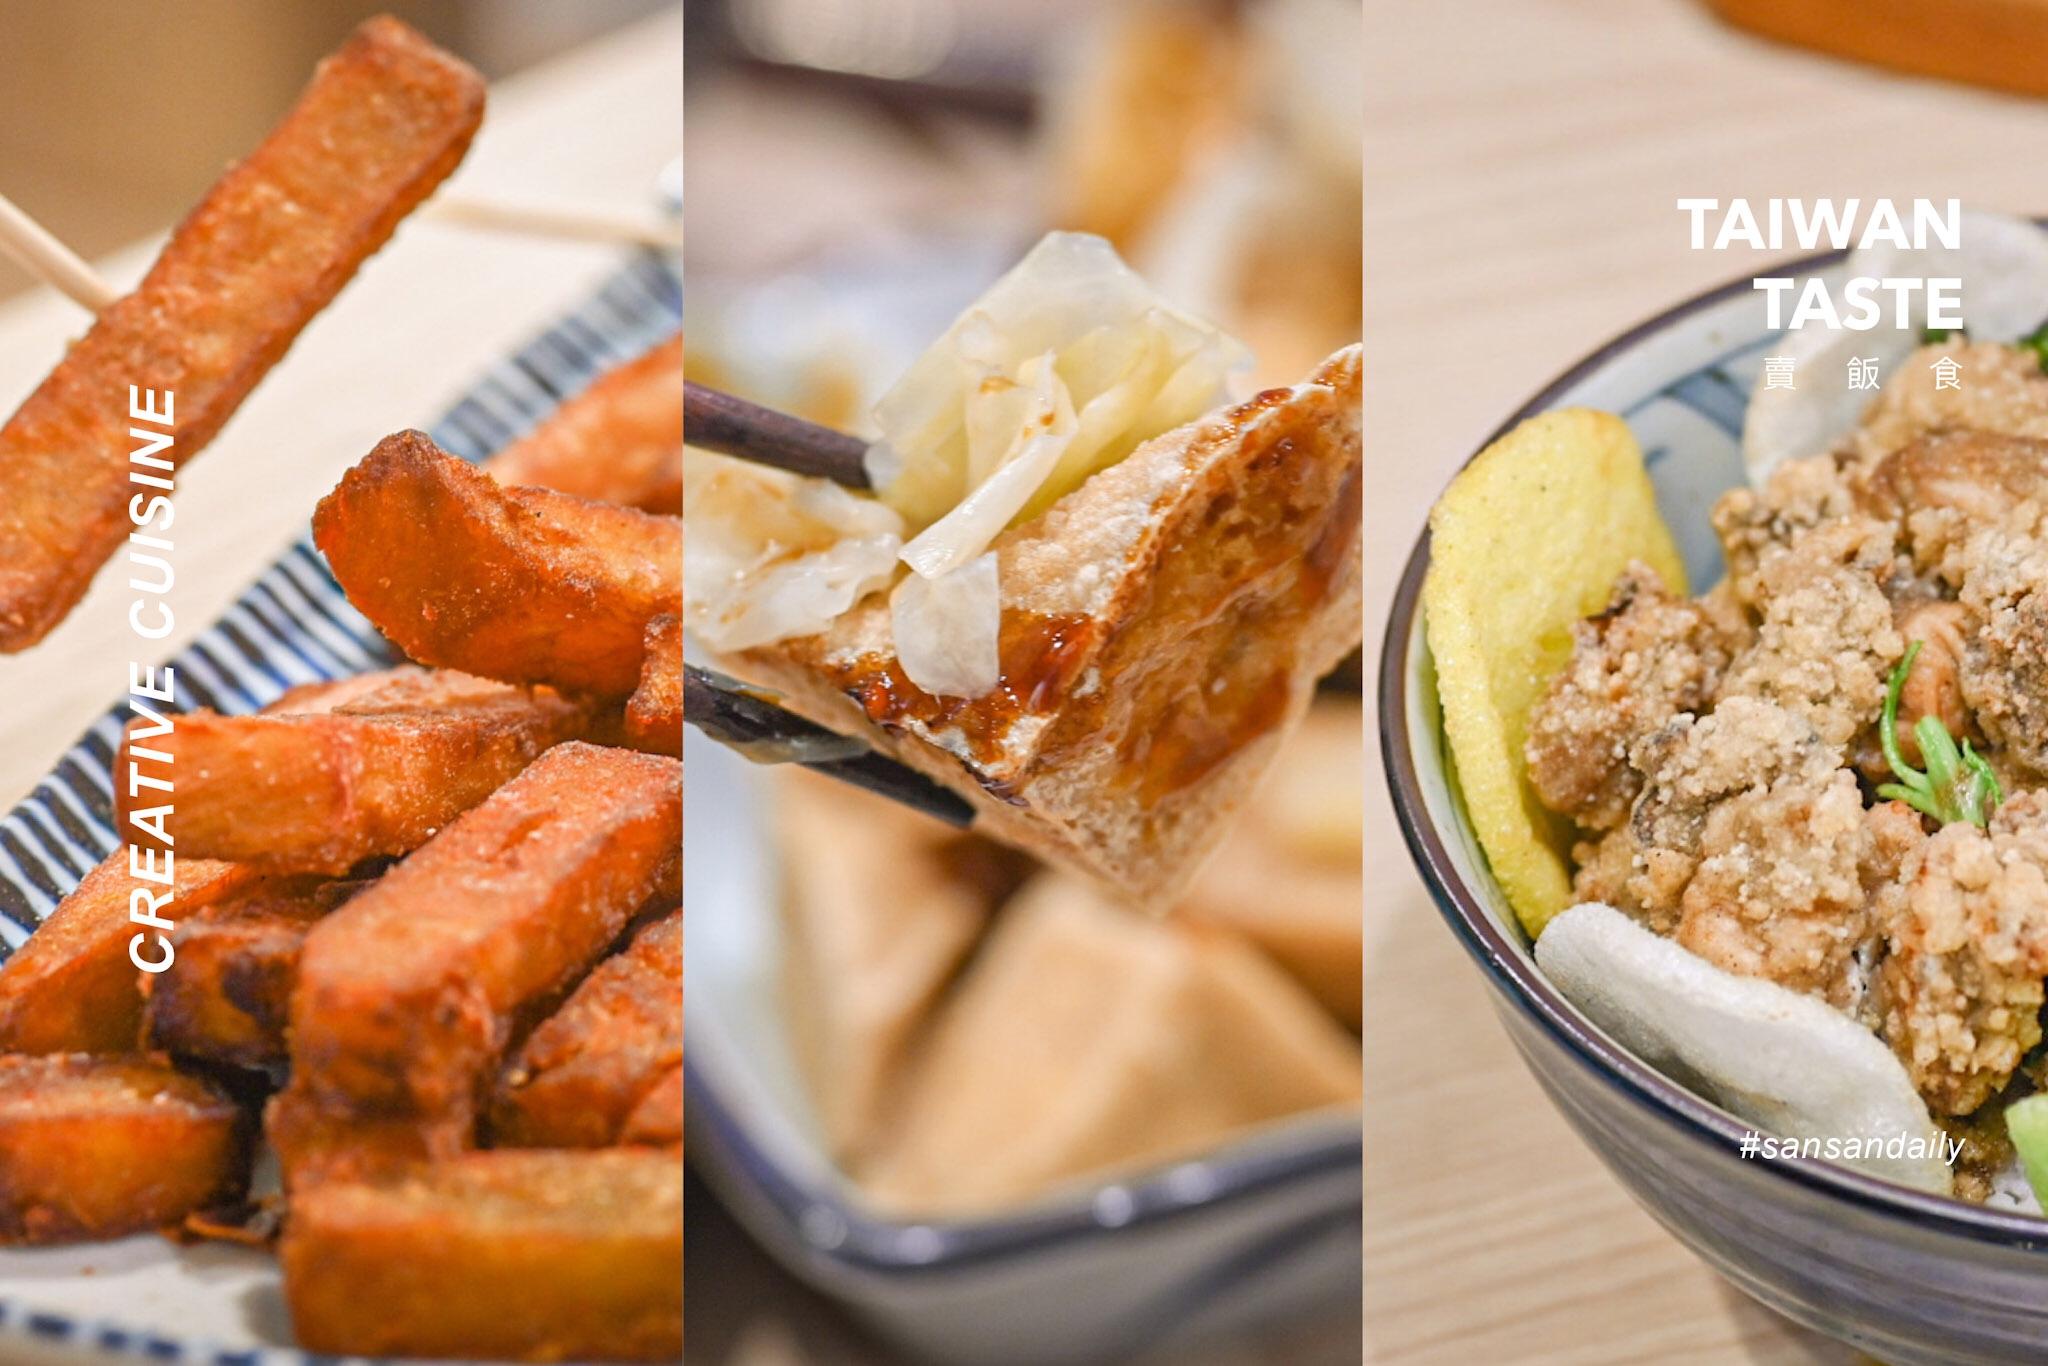 最熟悉的台灣味【賣飯食】創新台日菜單 信義區ATT 4 FUN美食推薦|sansan吃台北